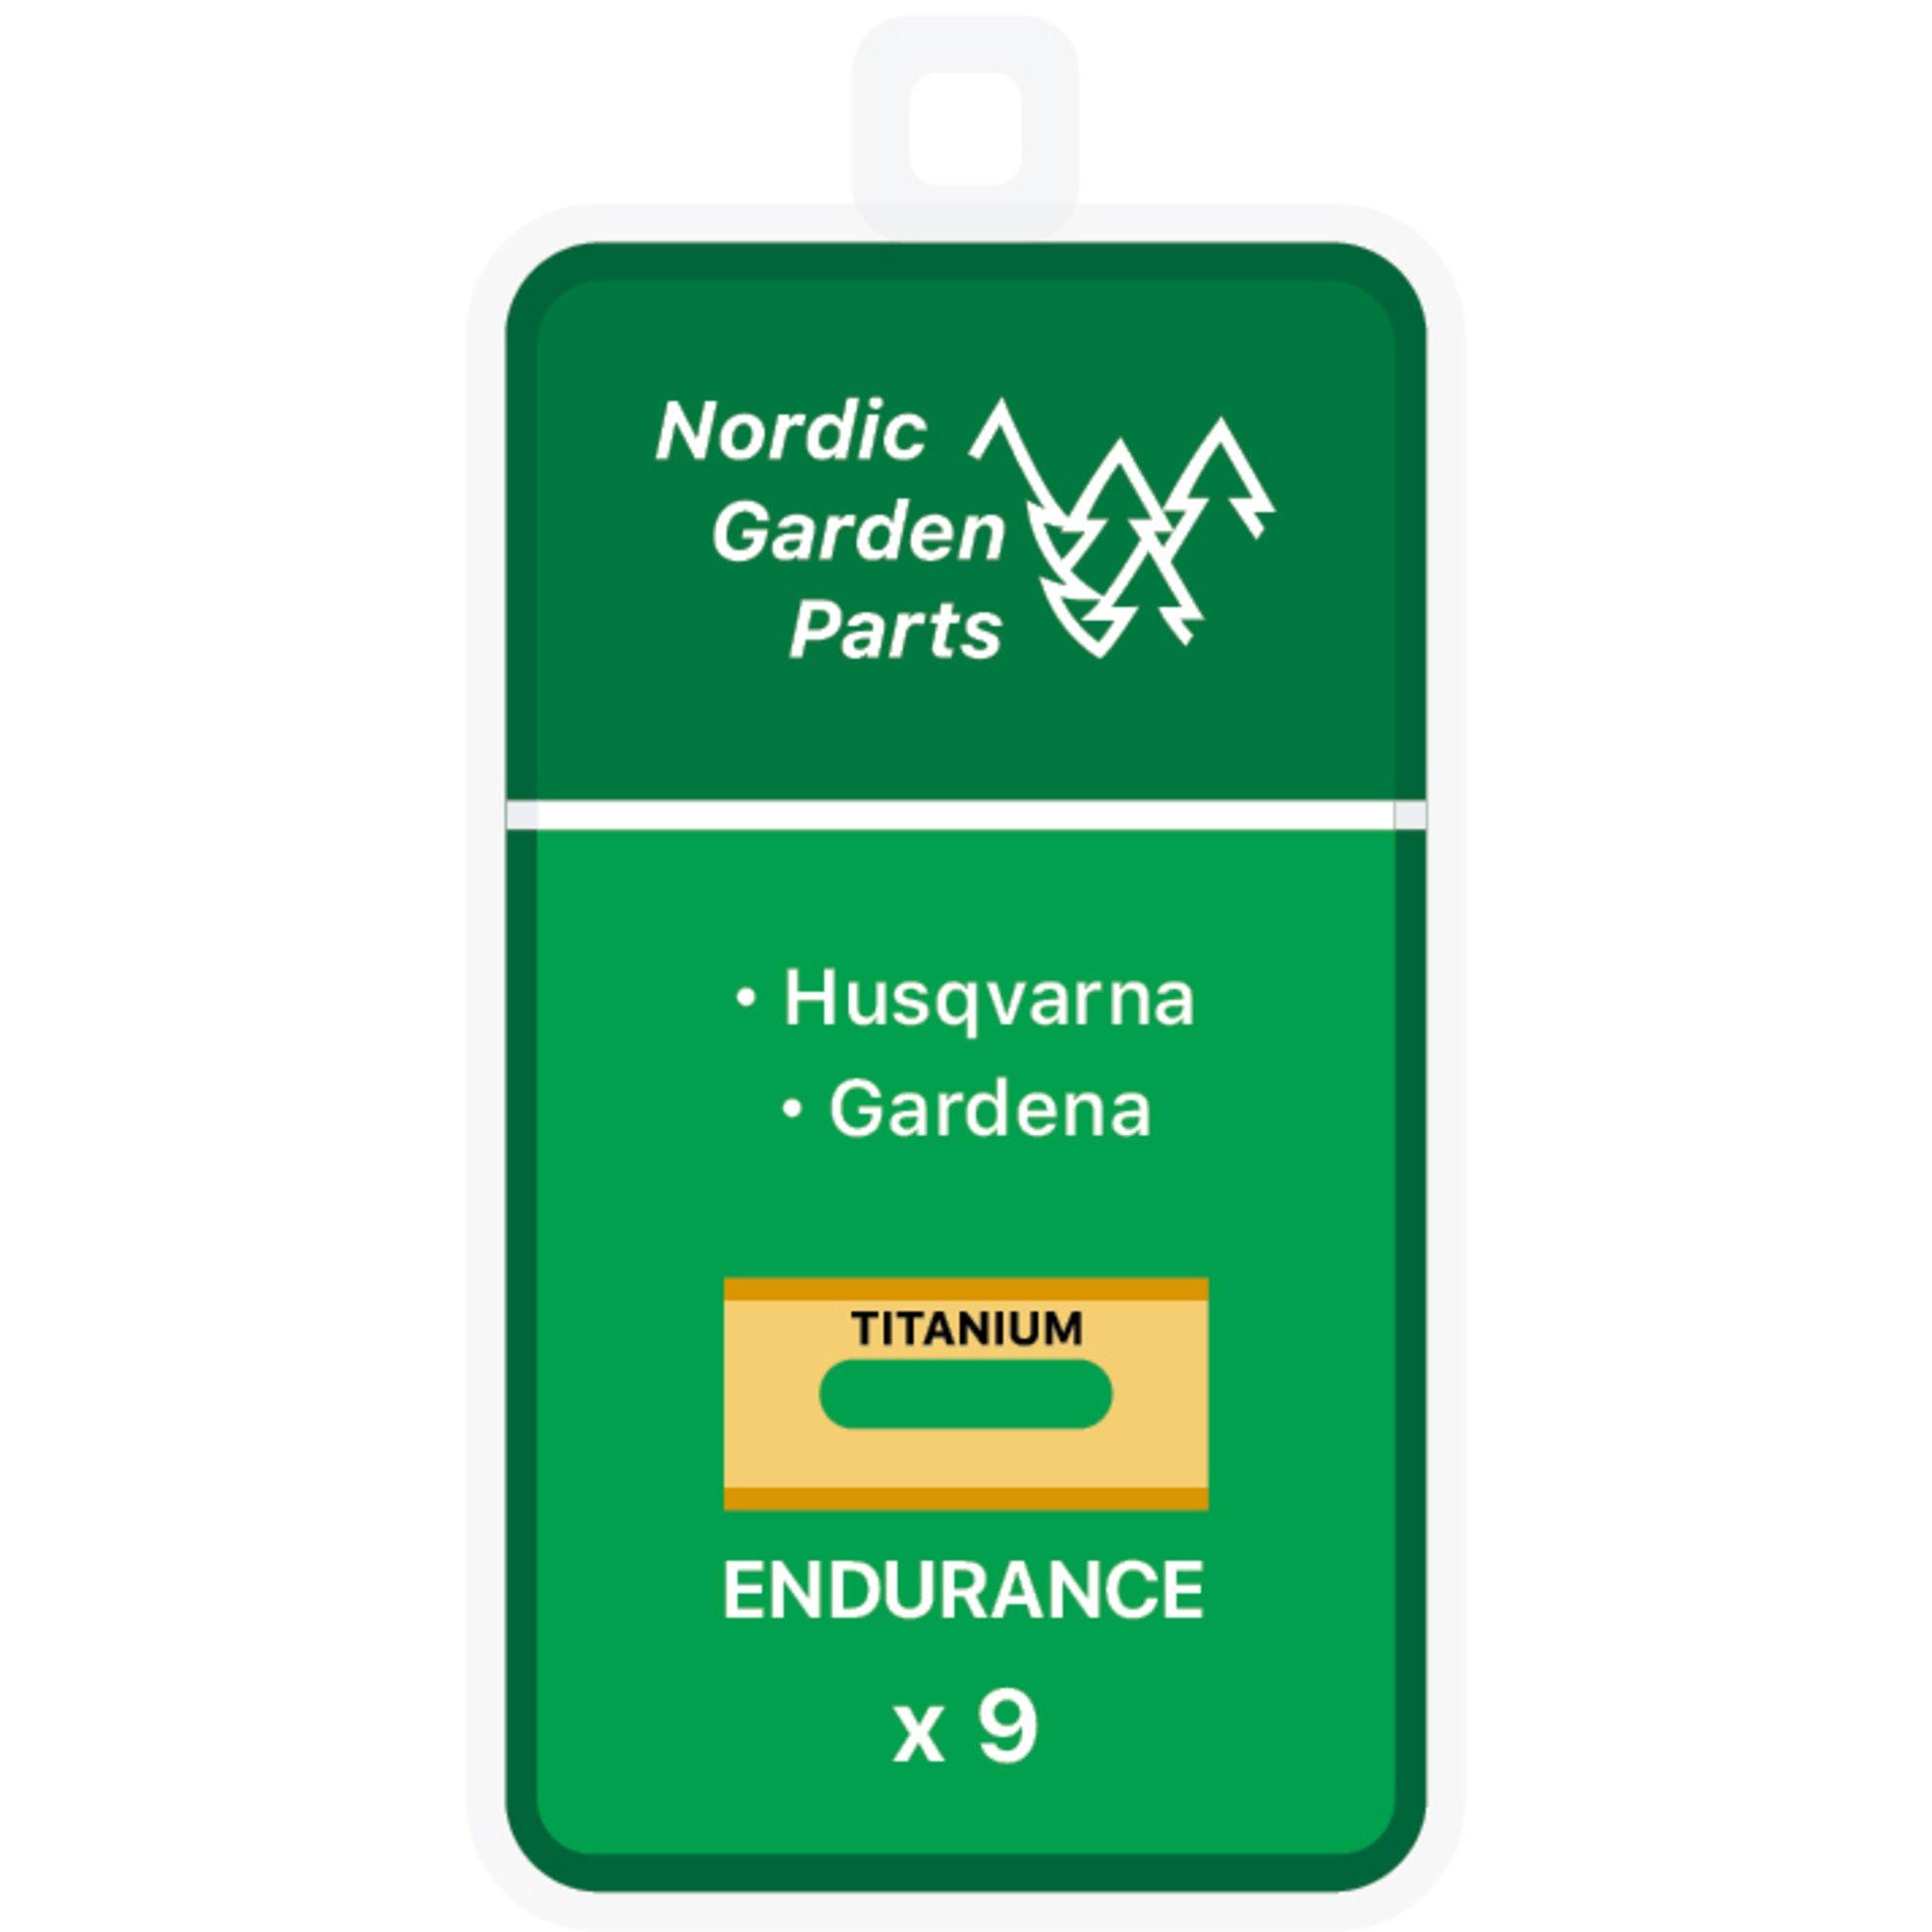 Nordic Garden Parts Endurance titanbelagda stålknivar till Husqvarna & Gardena 9 st